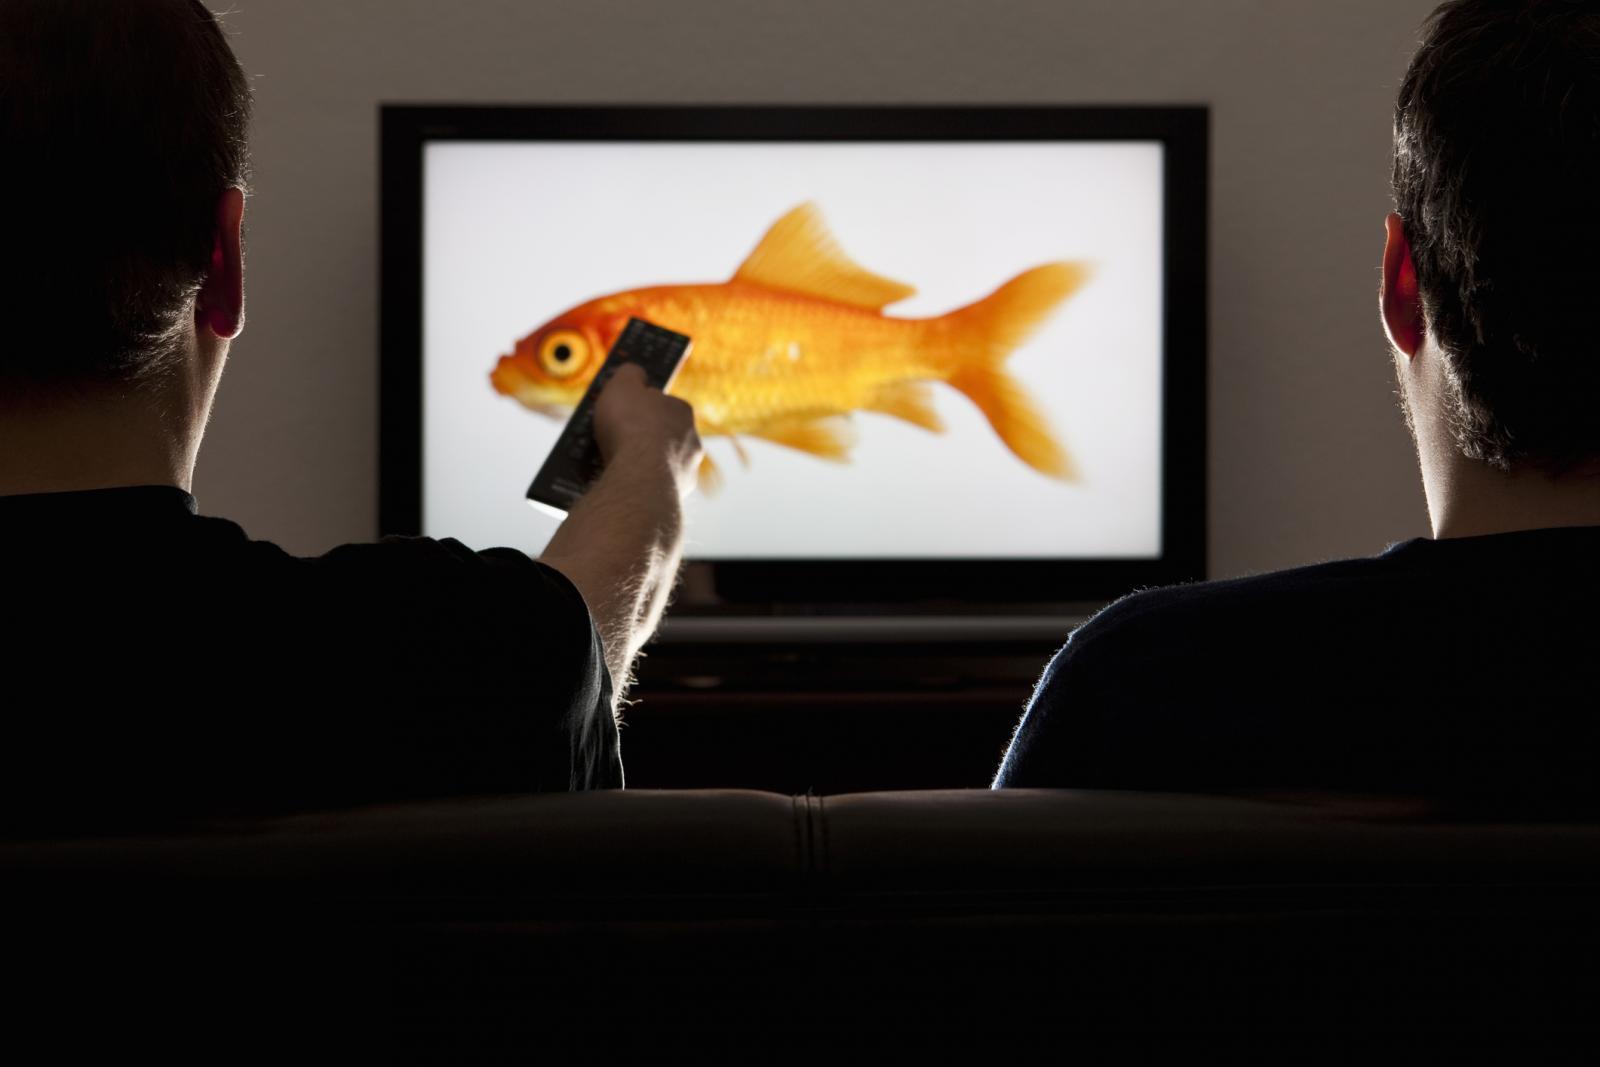 Dos hombres mirando una televisión con un pez